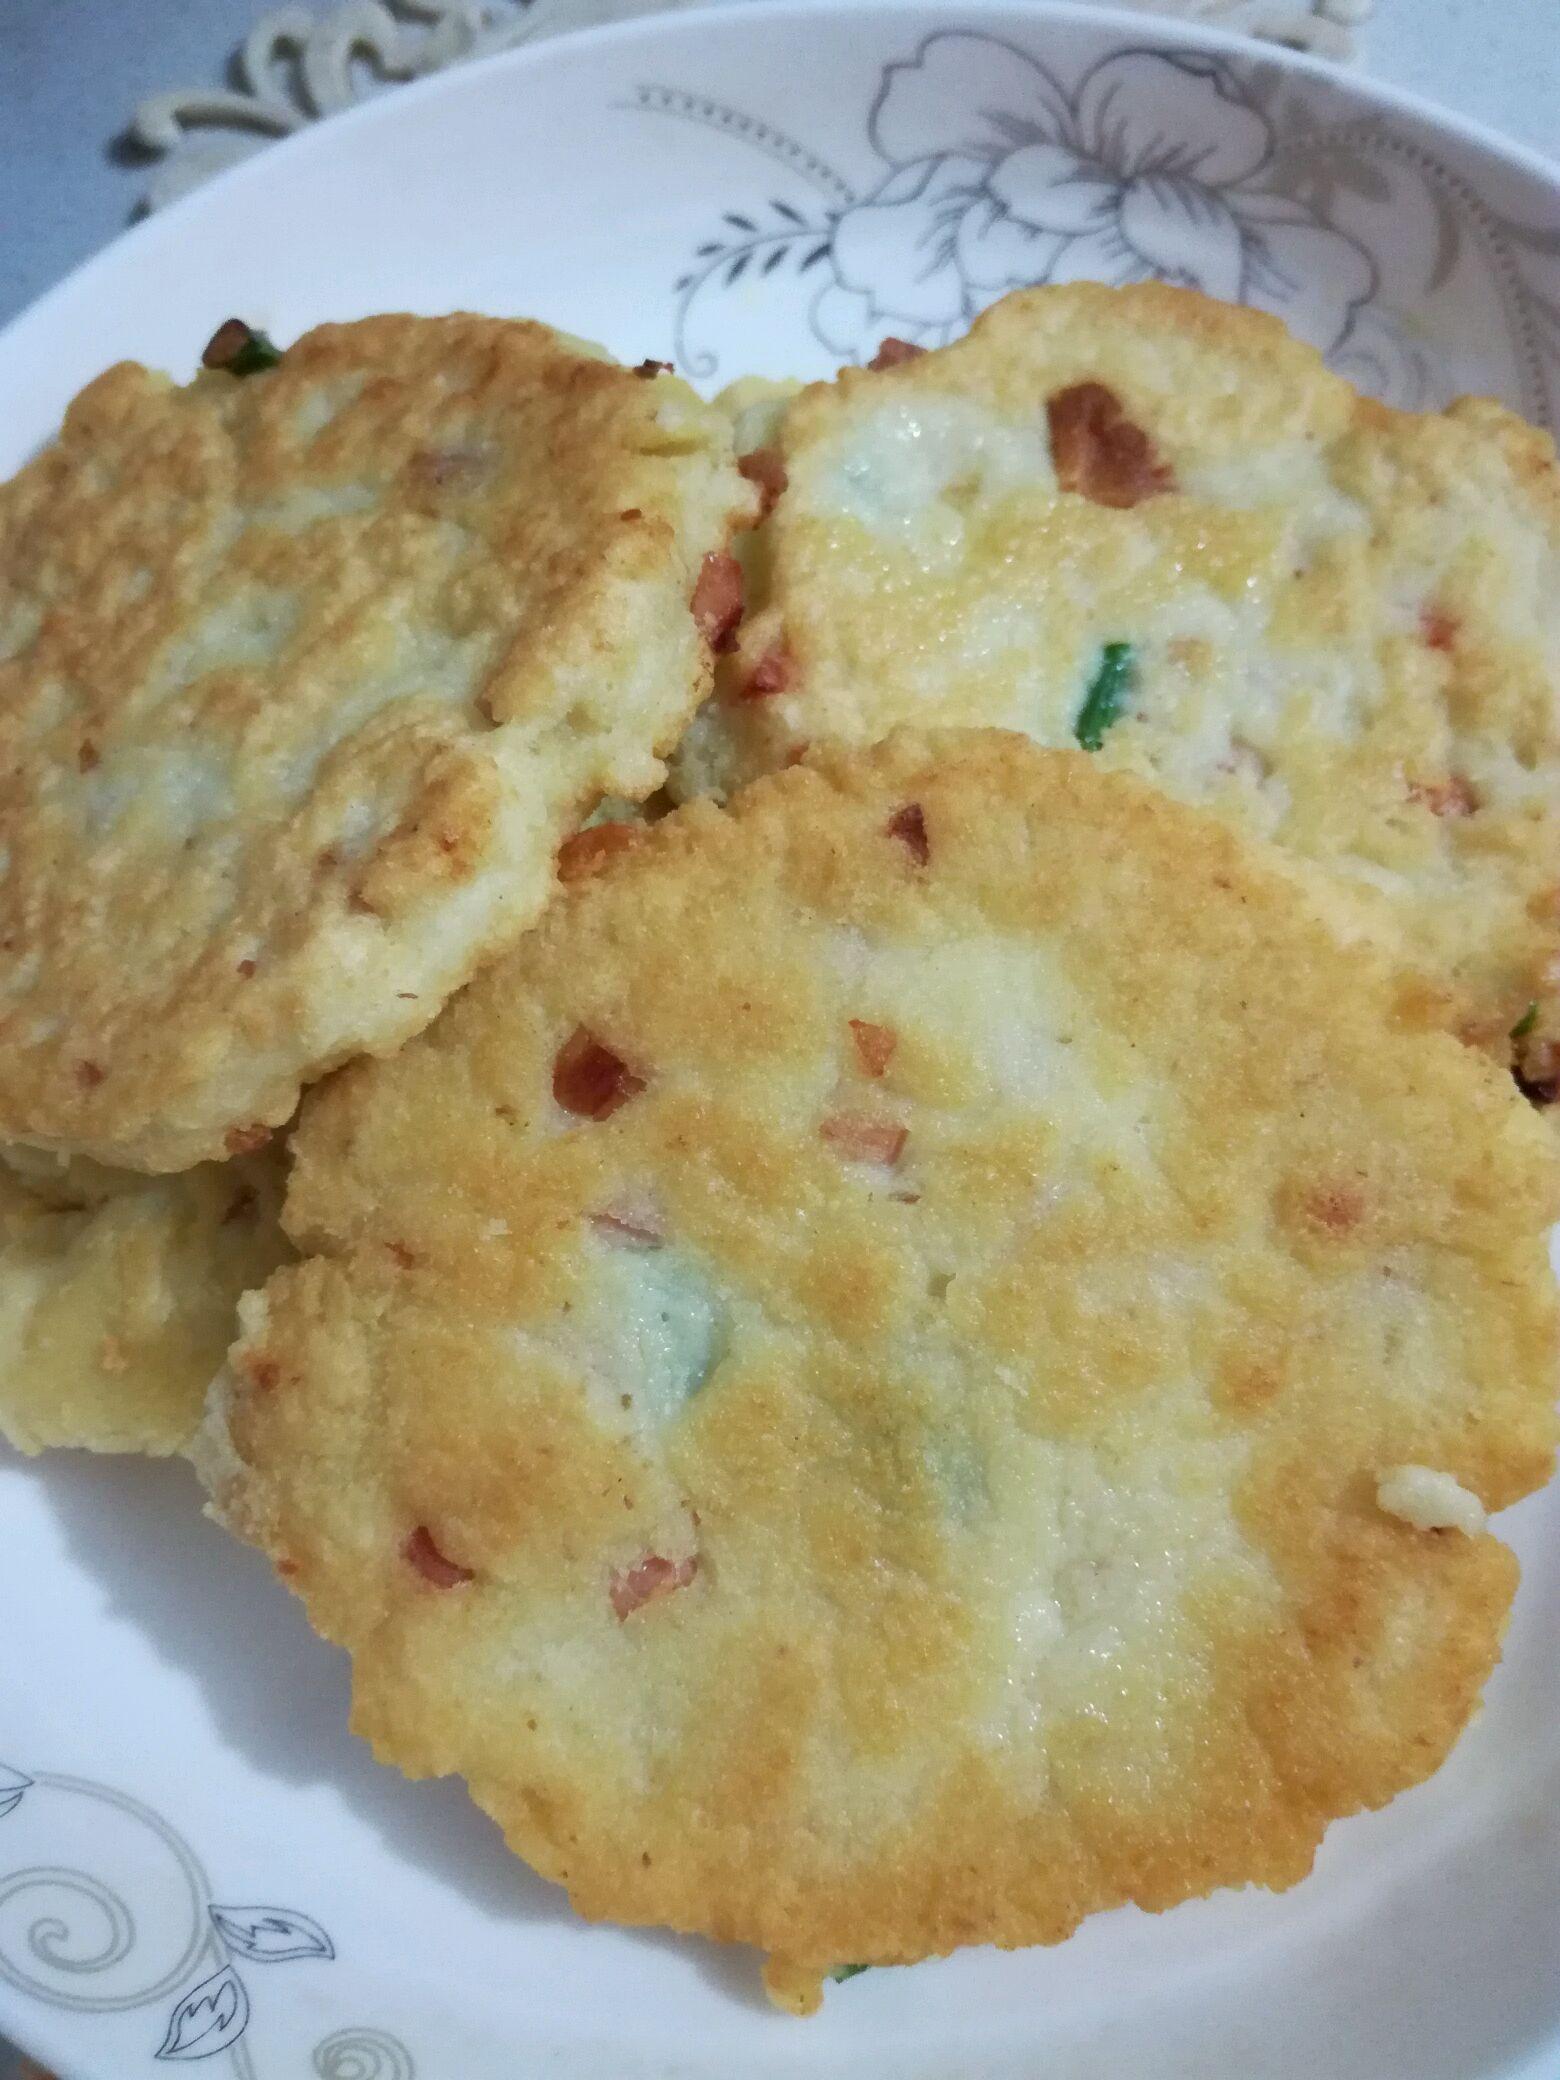 鸡蛋豆渣饼的做法_【图解】鸡蛋豆渣饼怎么做如何做